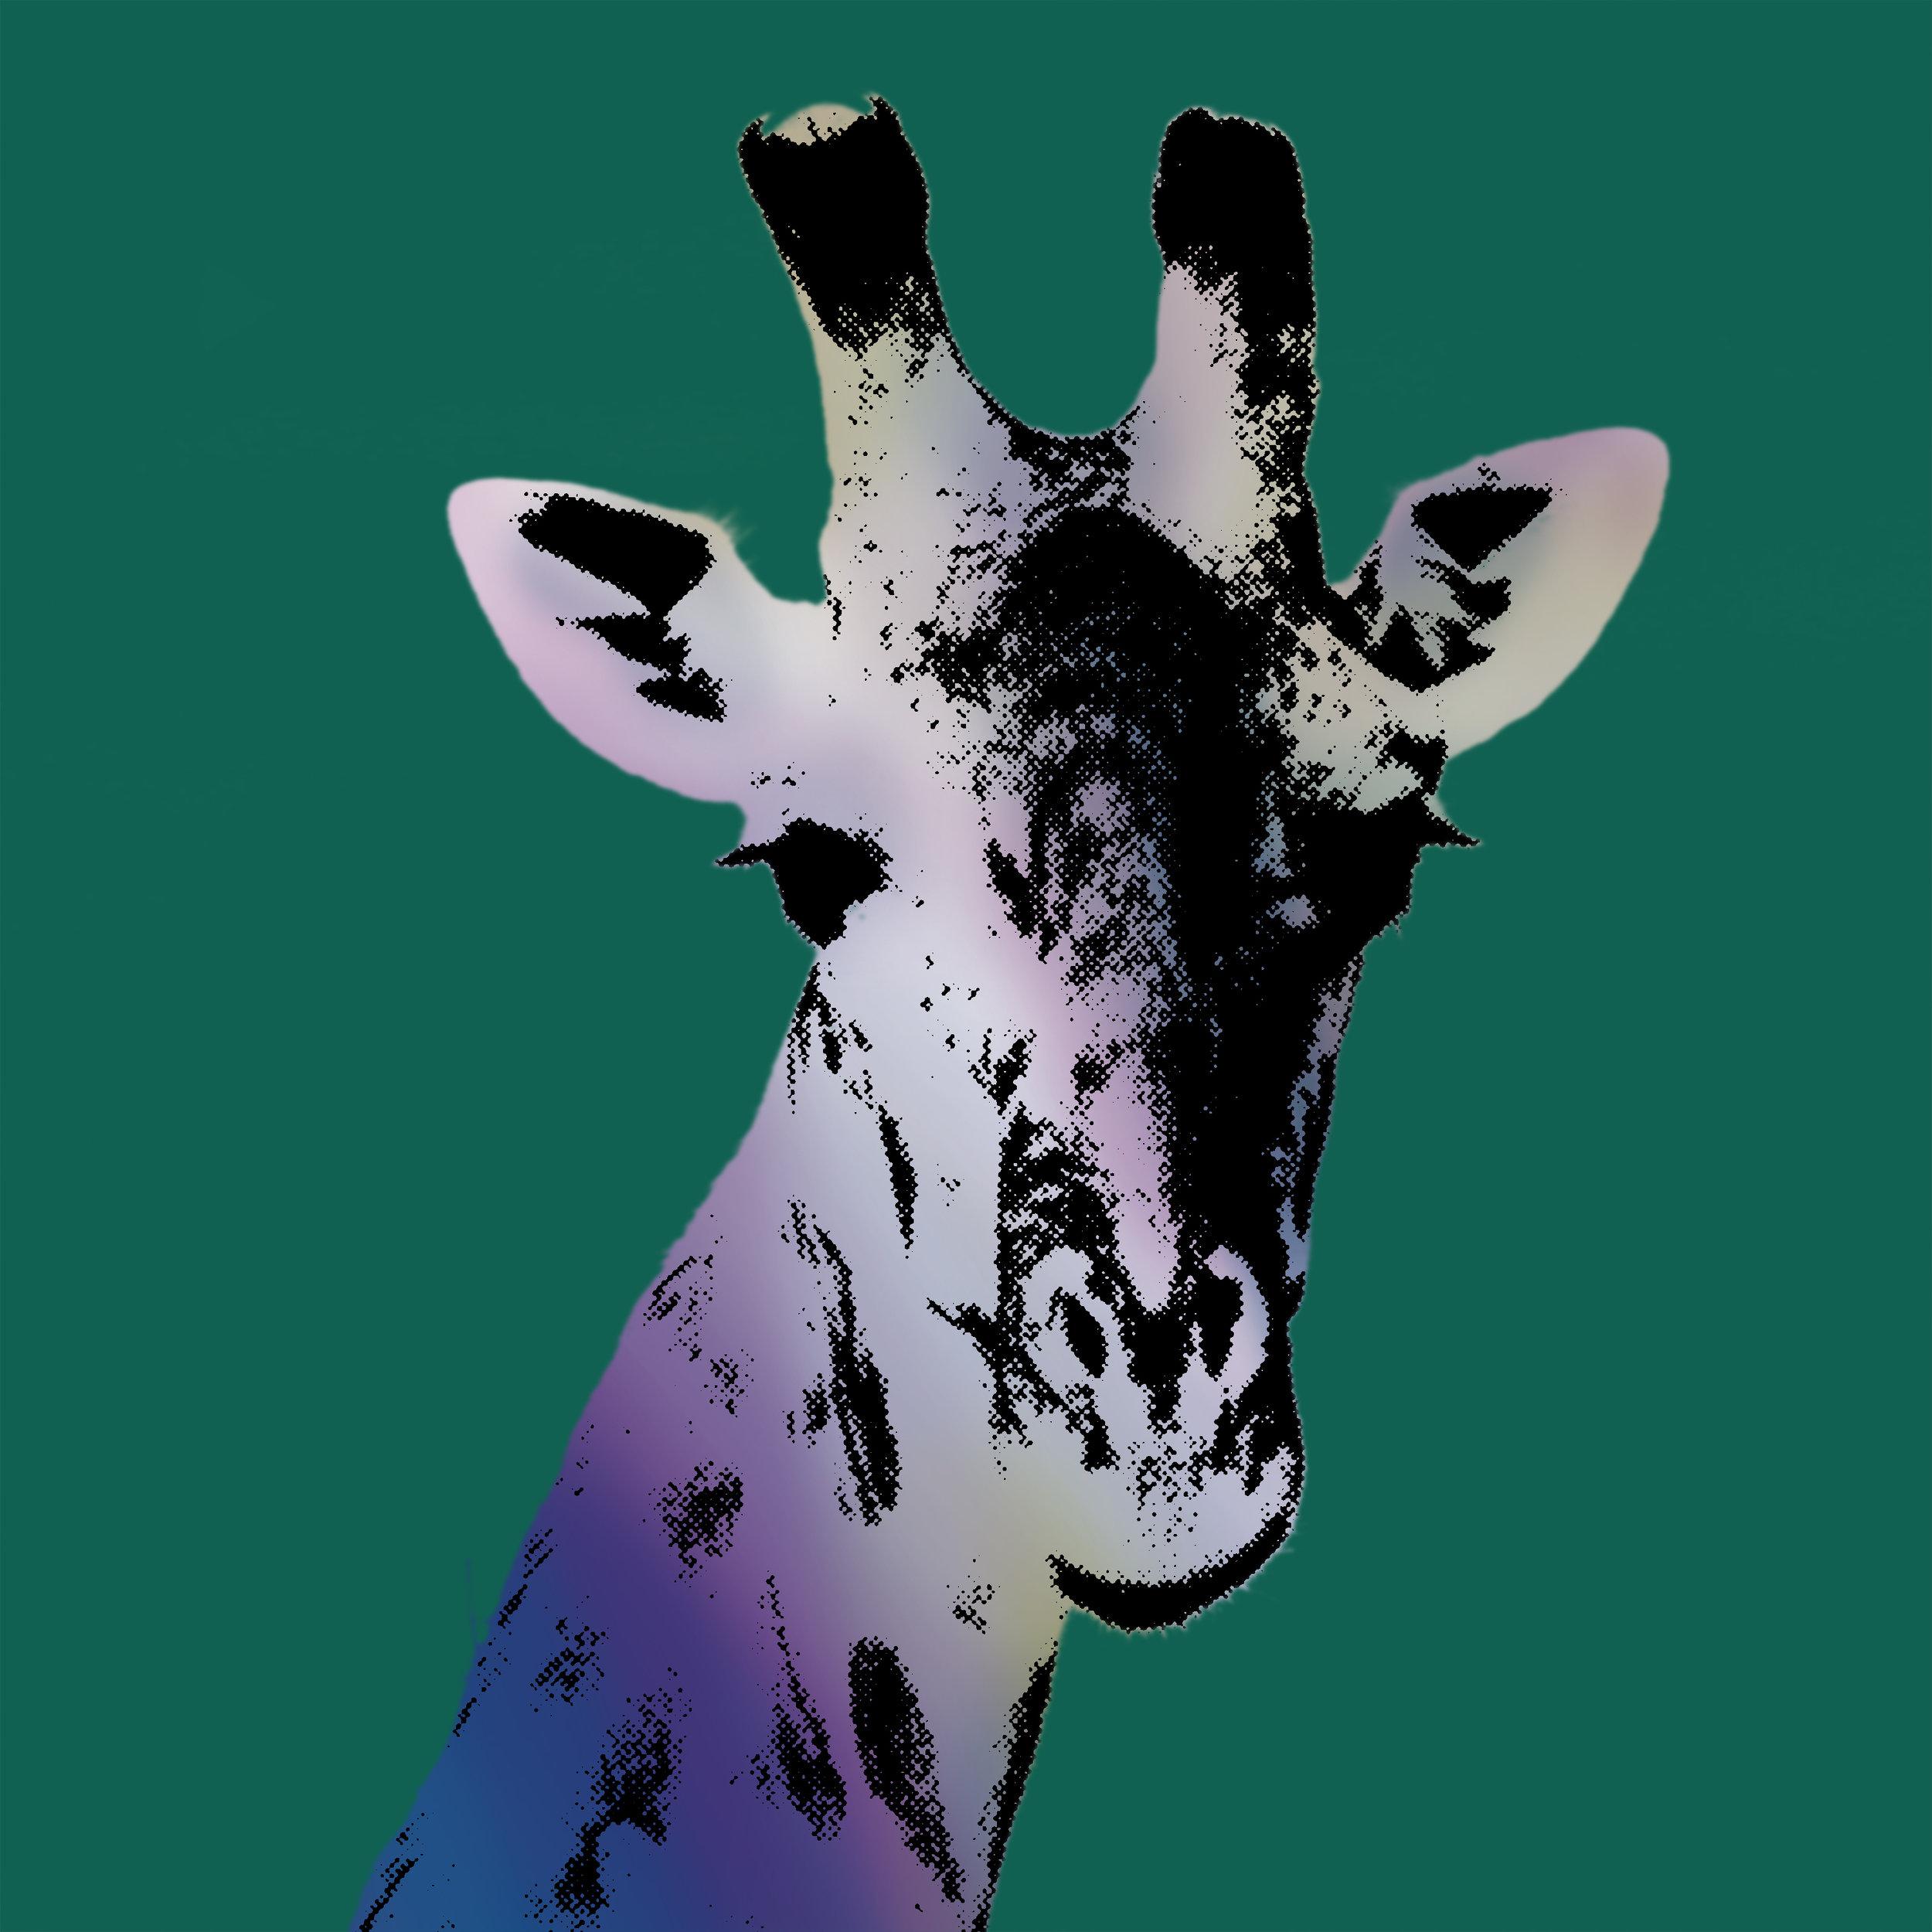 GiraffePopArt.jpg